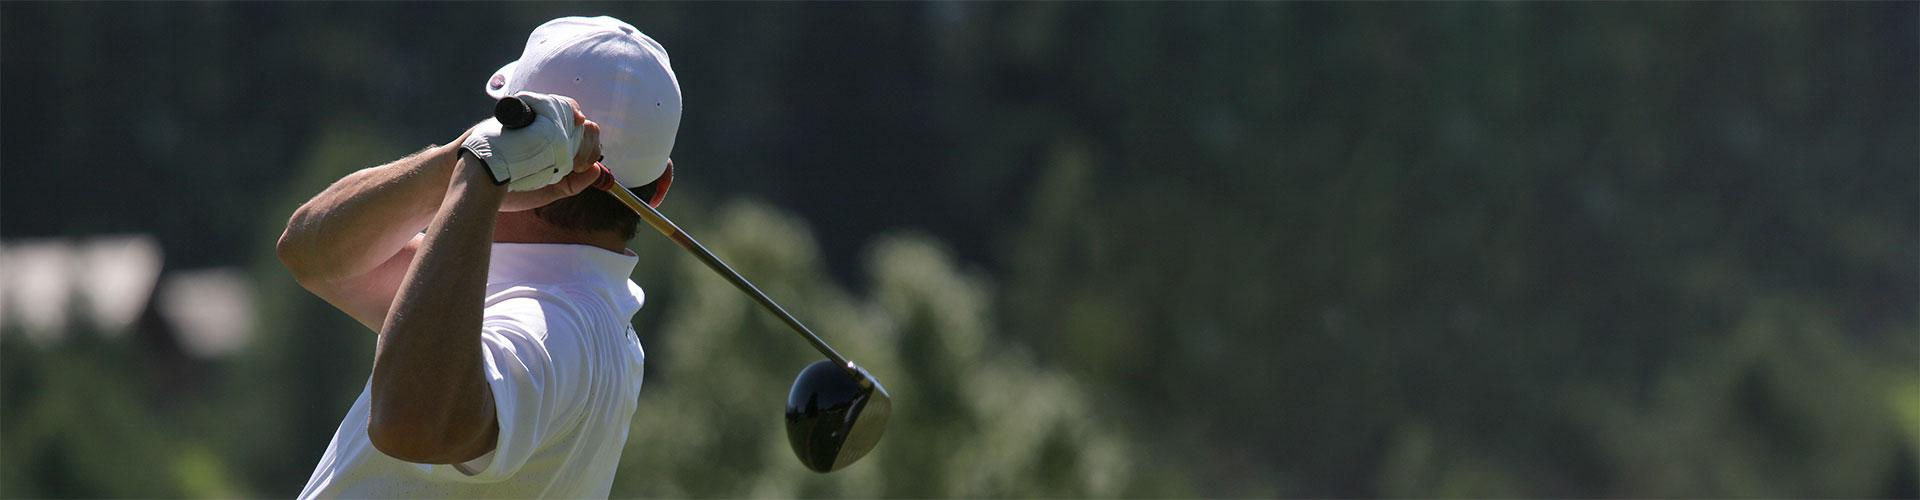 ゴルファーの心と身体の関係性に焦点を当てる